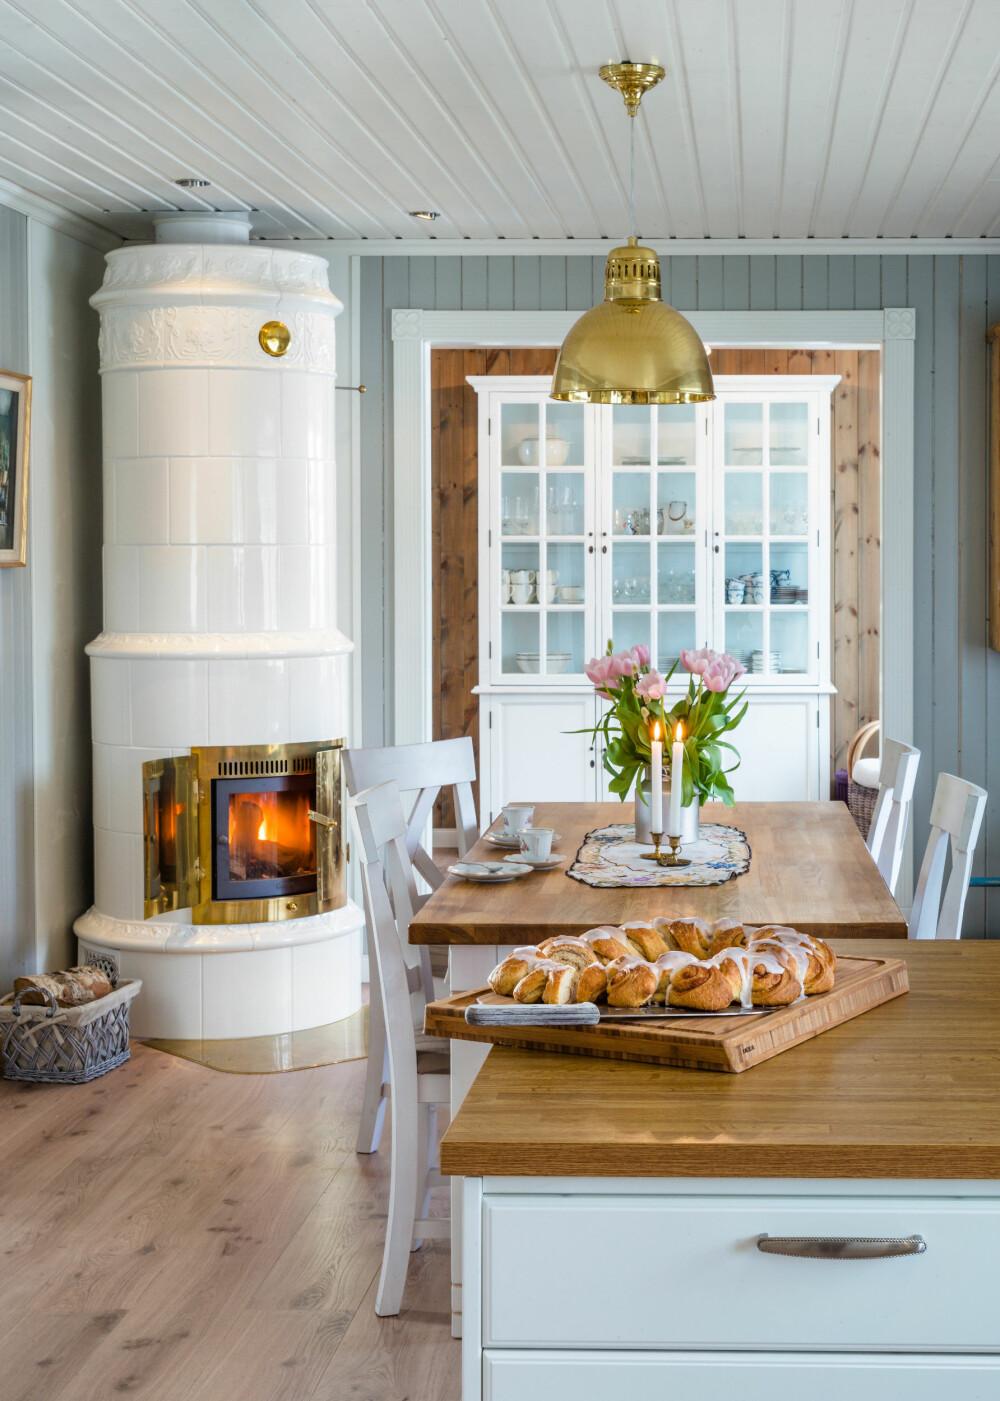 SMYKKET: Den staselige kakkelovnen er en ekstra trivselsfaktor på kjøkkenet, der den står sentralt plassert og sprer varme ut i hele huset.